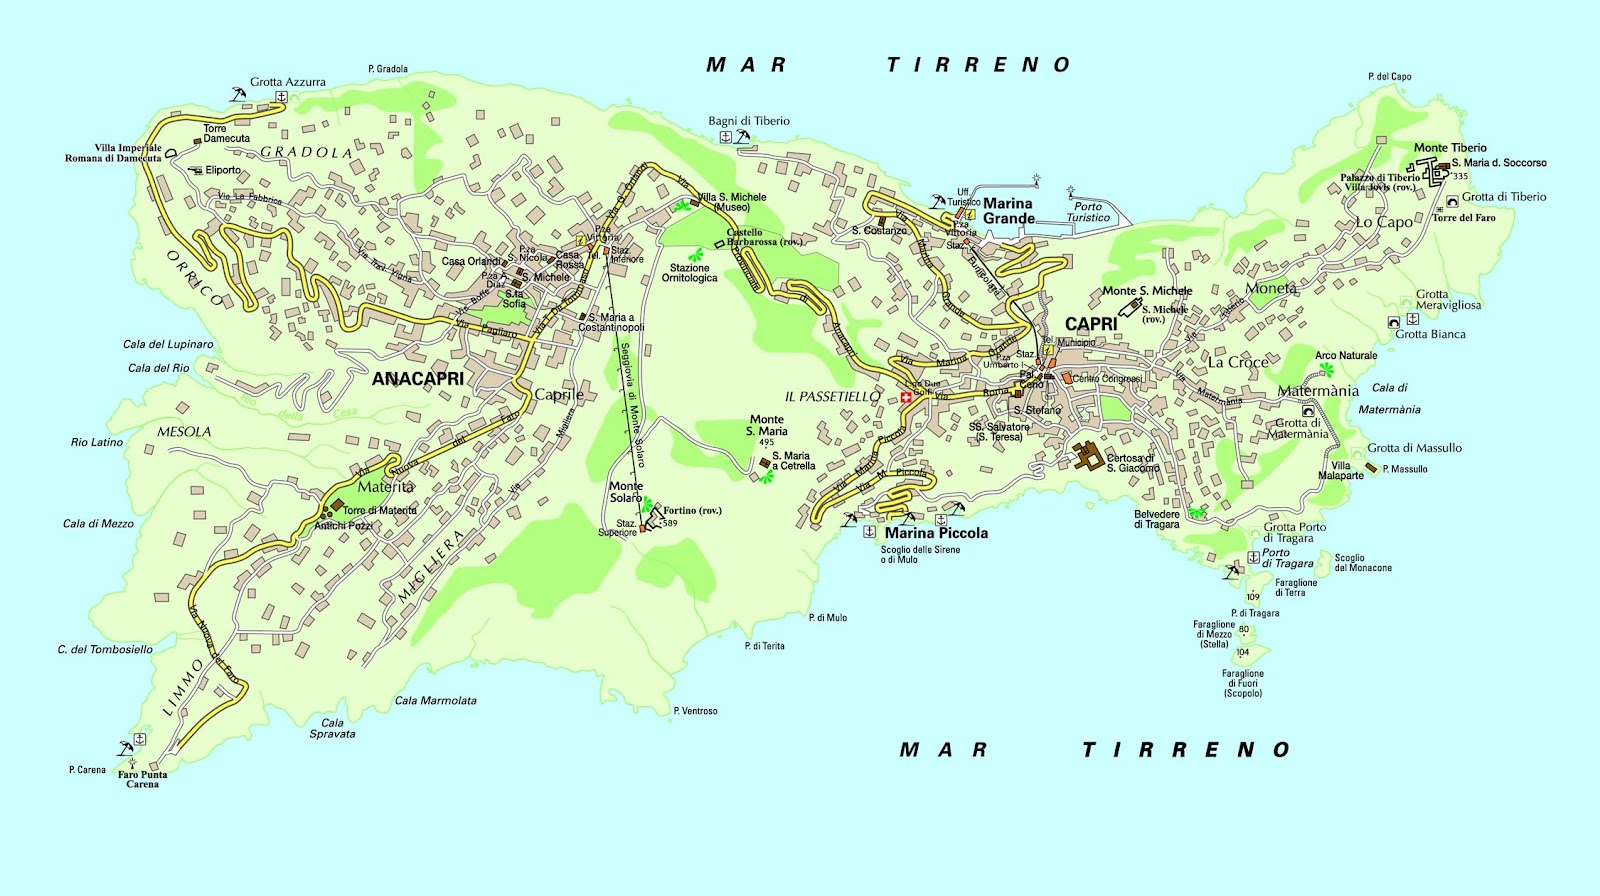 capri italia mapa Capri Italia Mapa capri italia mapa